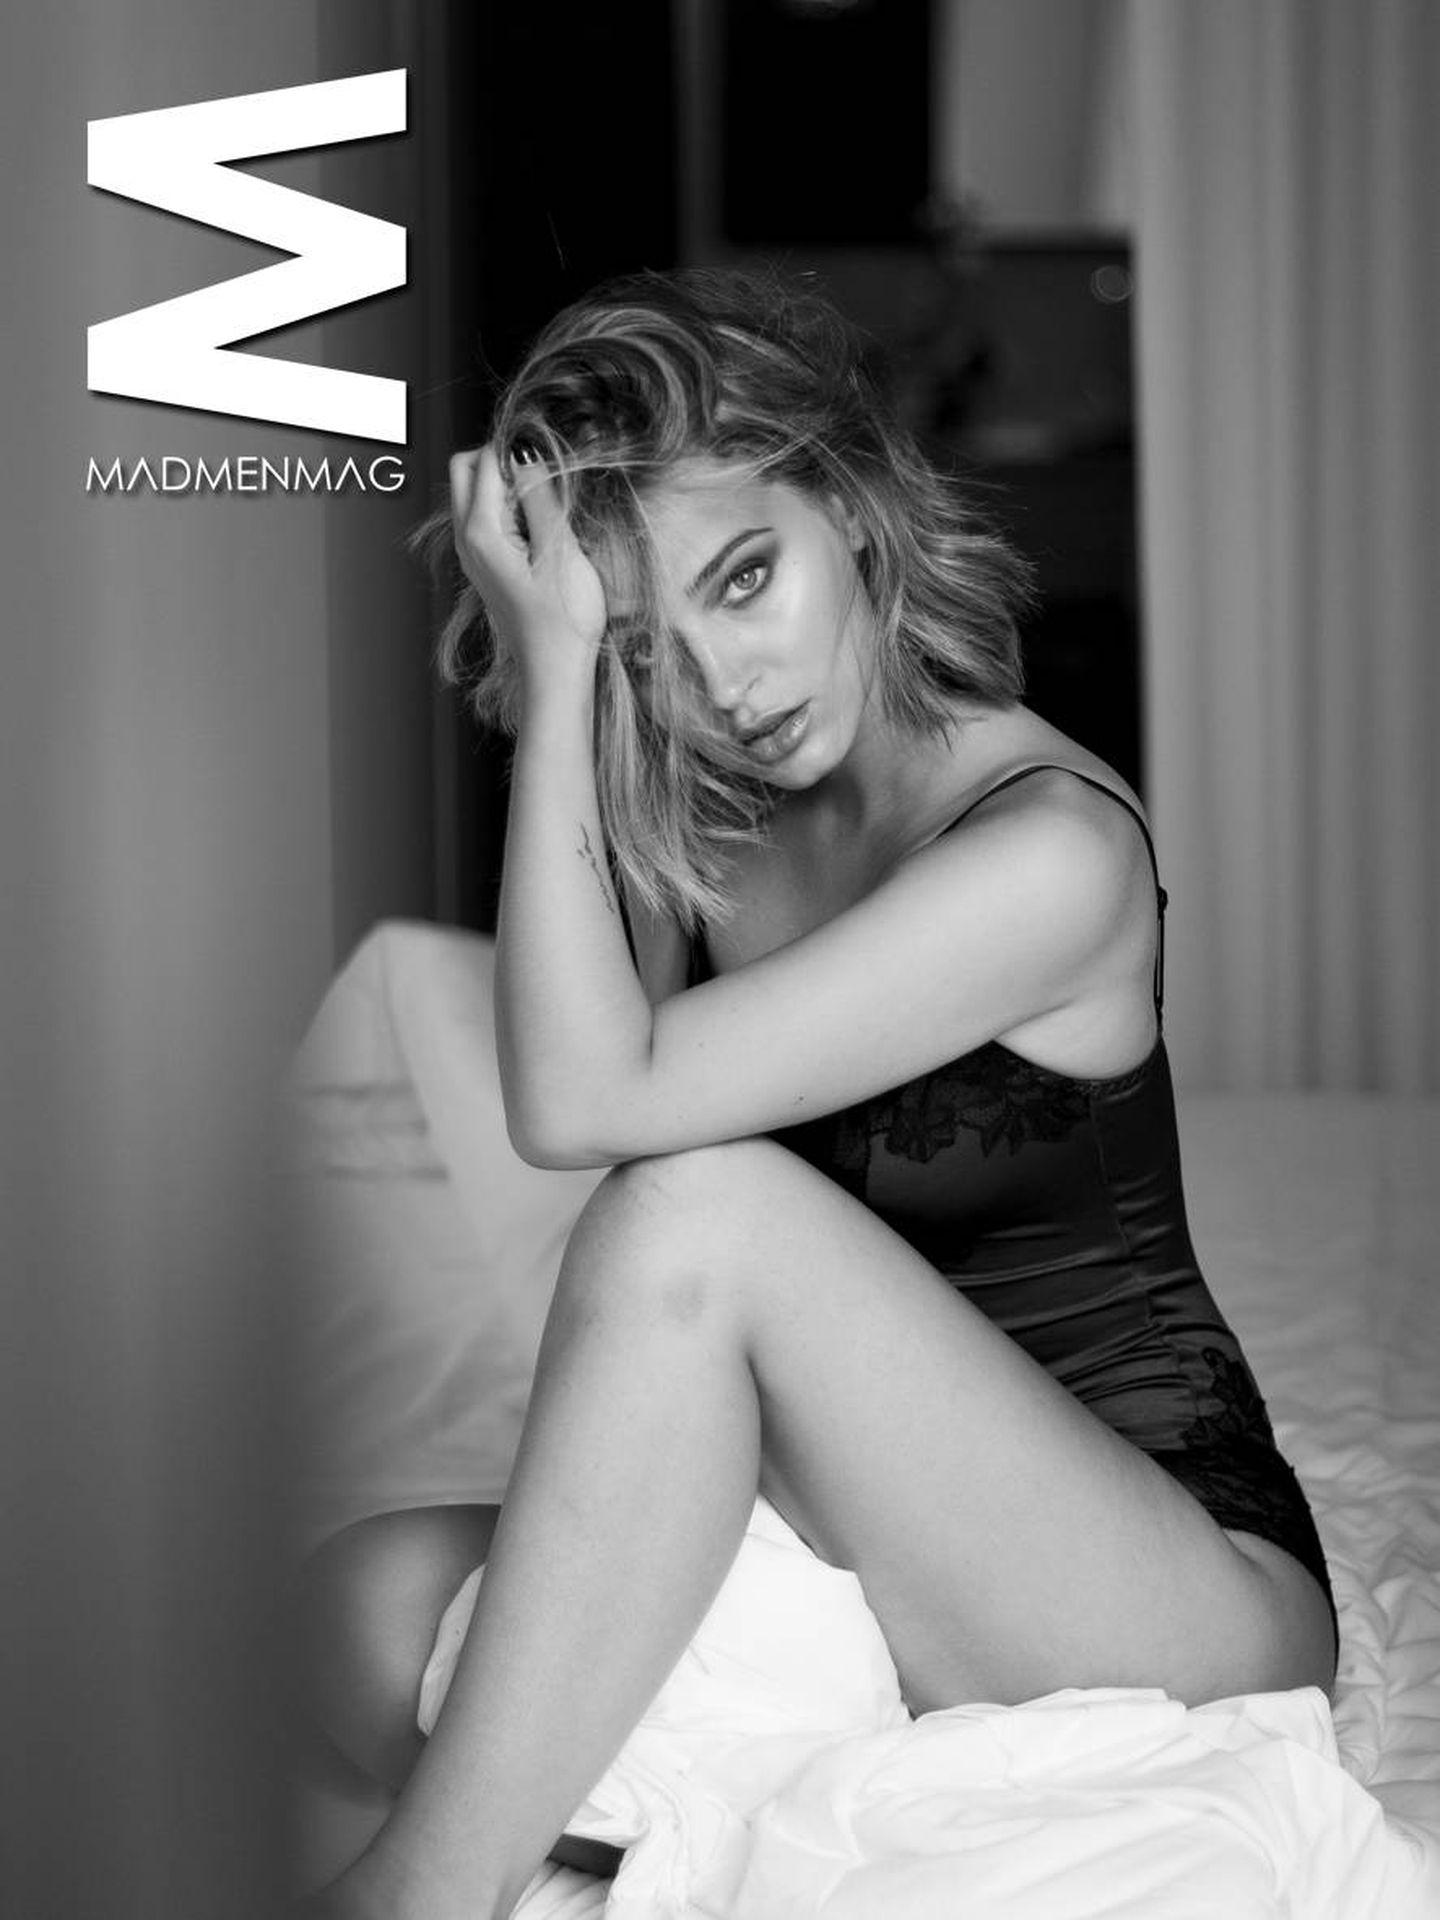 Laura Escanes en una imagen para 'MadMenMag'.